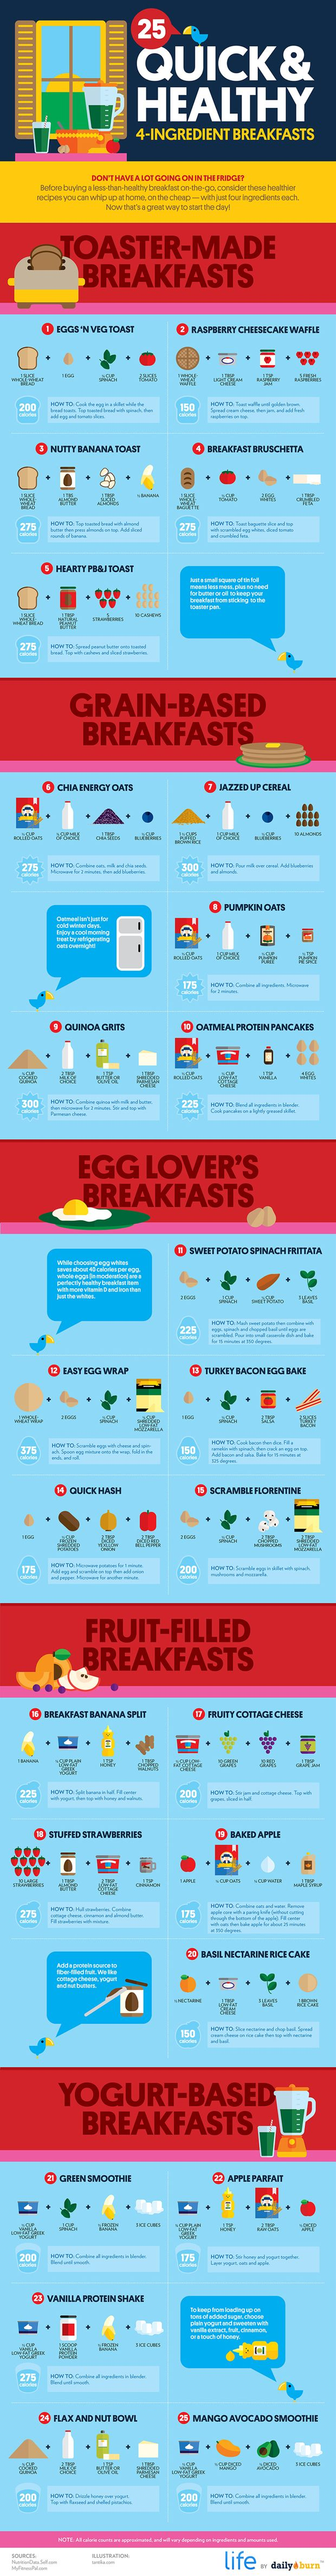 25 idées de petits-déjeuners simples et sains - Infographie Life by DailyBurn